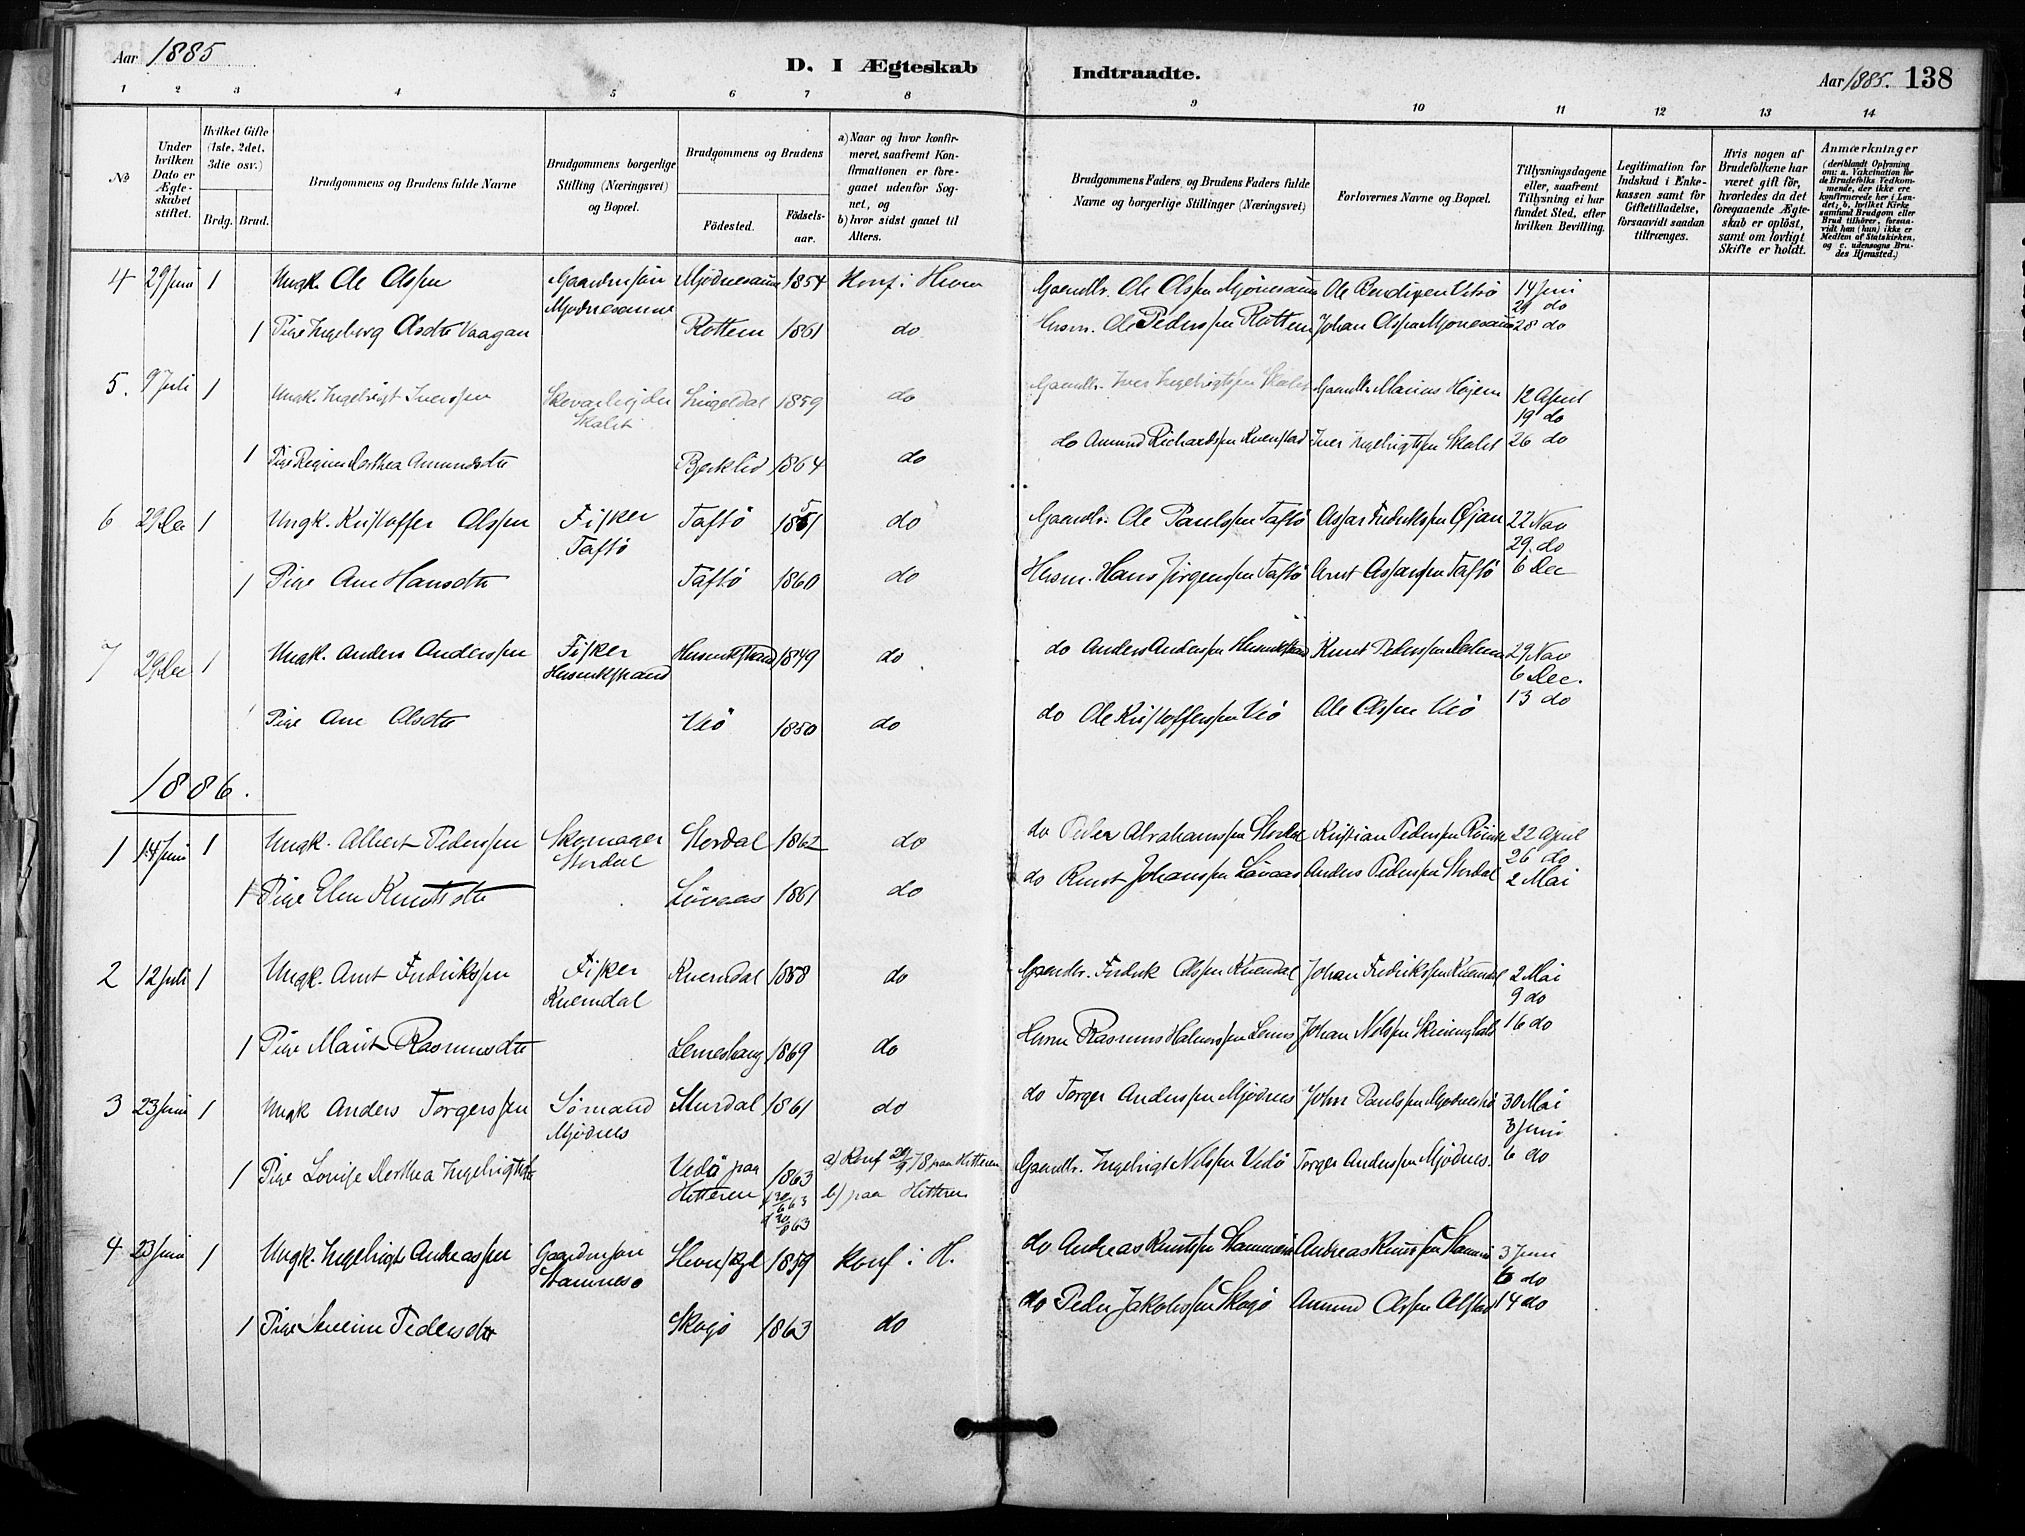 SAT, Ministerialprotokoller, klokkerbøker og fødselsregistre - Sør-Trøndelag, 633/L0518: Ministerialbok nr. 633A01, 1884-1906, s. 138